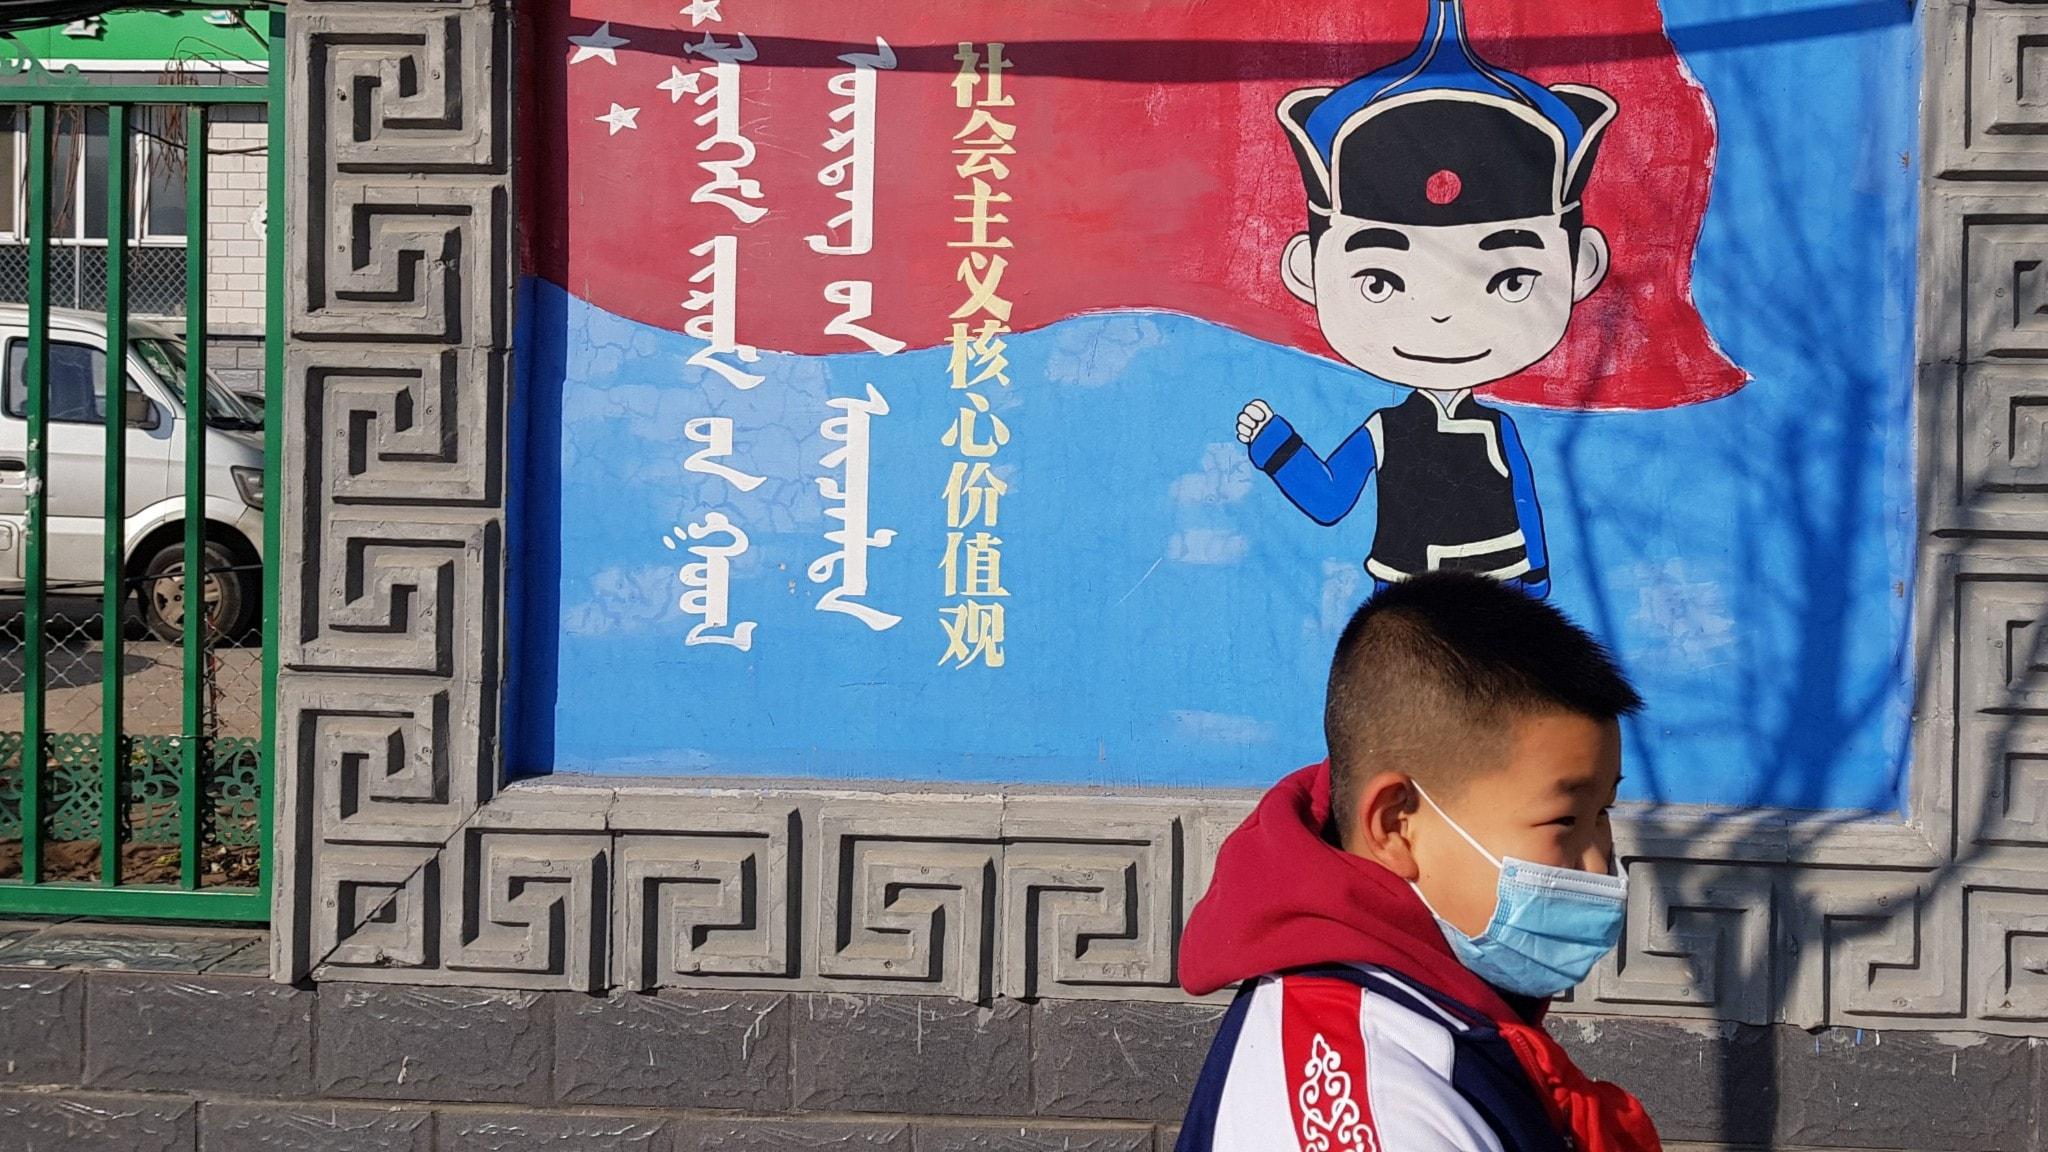 """Pojke i mask utanför skola i Inre Mongoliets huvudstad Hohhot, Kina. På propagandamålningen står """"Socialismens kärnvärderingar""""."""